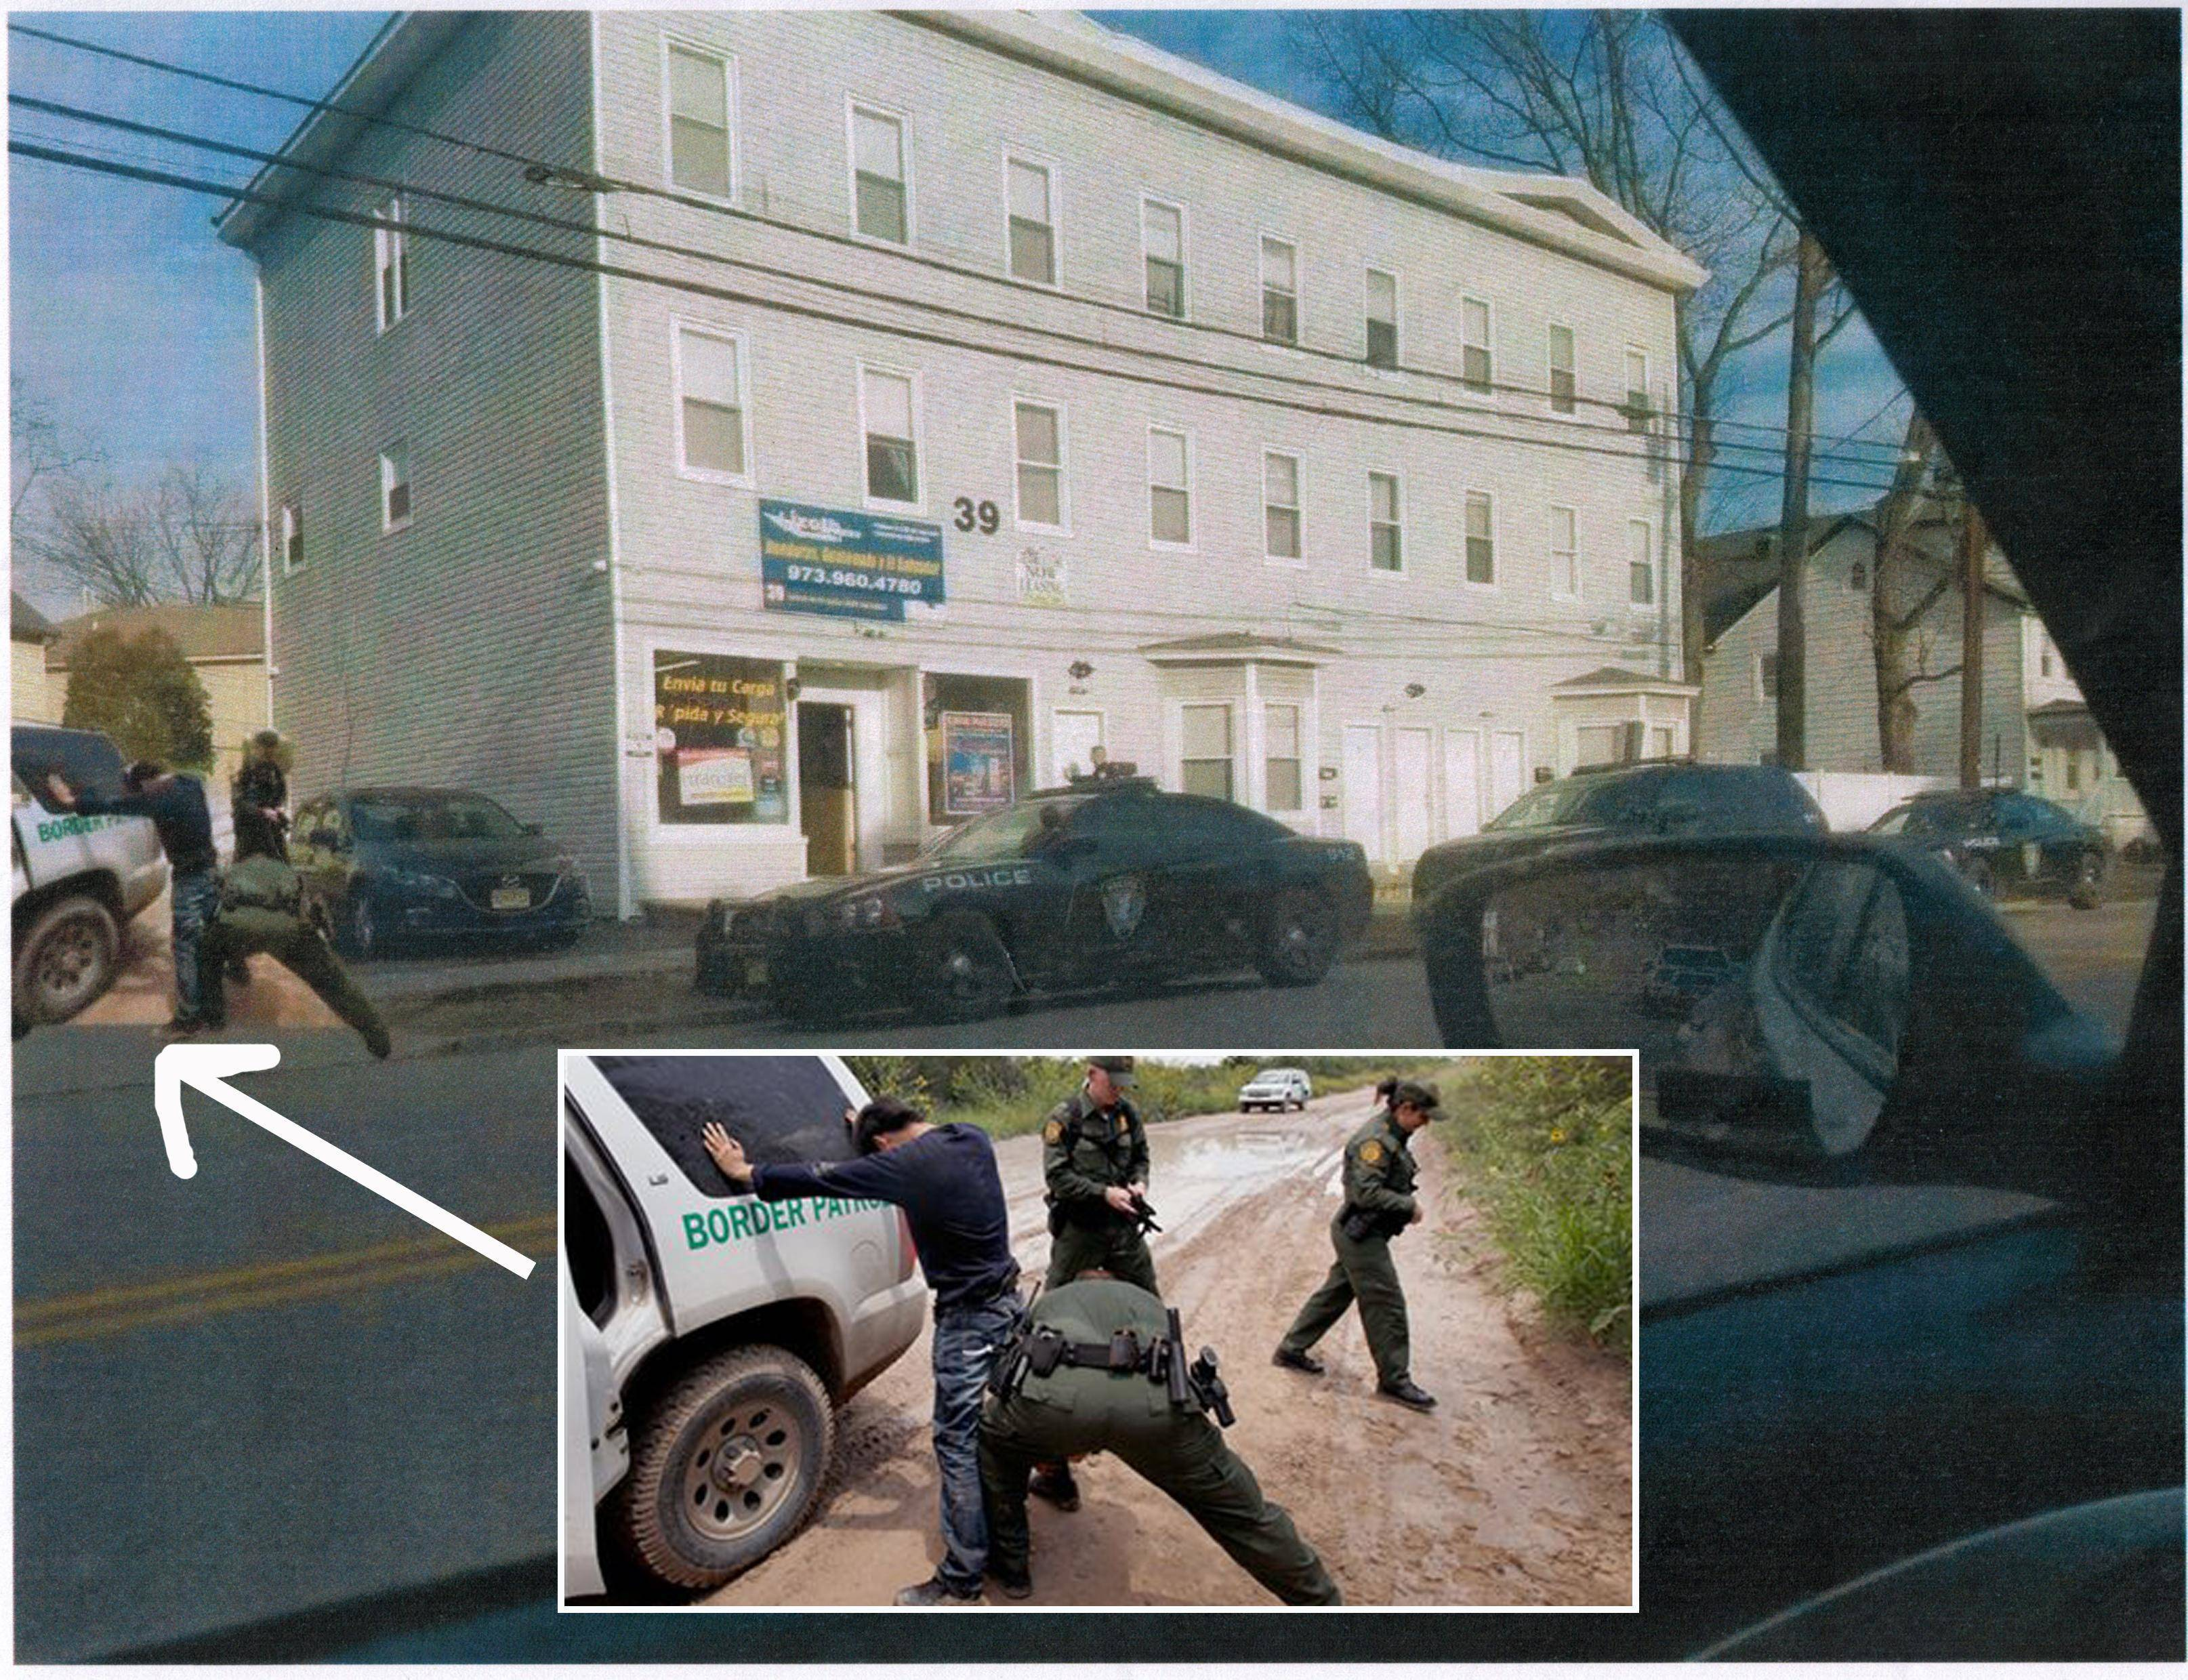 73bdb7037506c516f6b4_Fake_Immigration_Photo-page-004.jpg